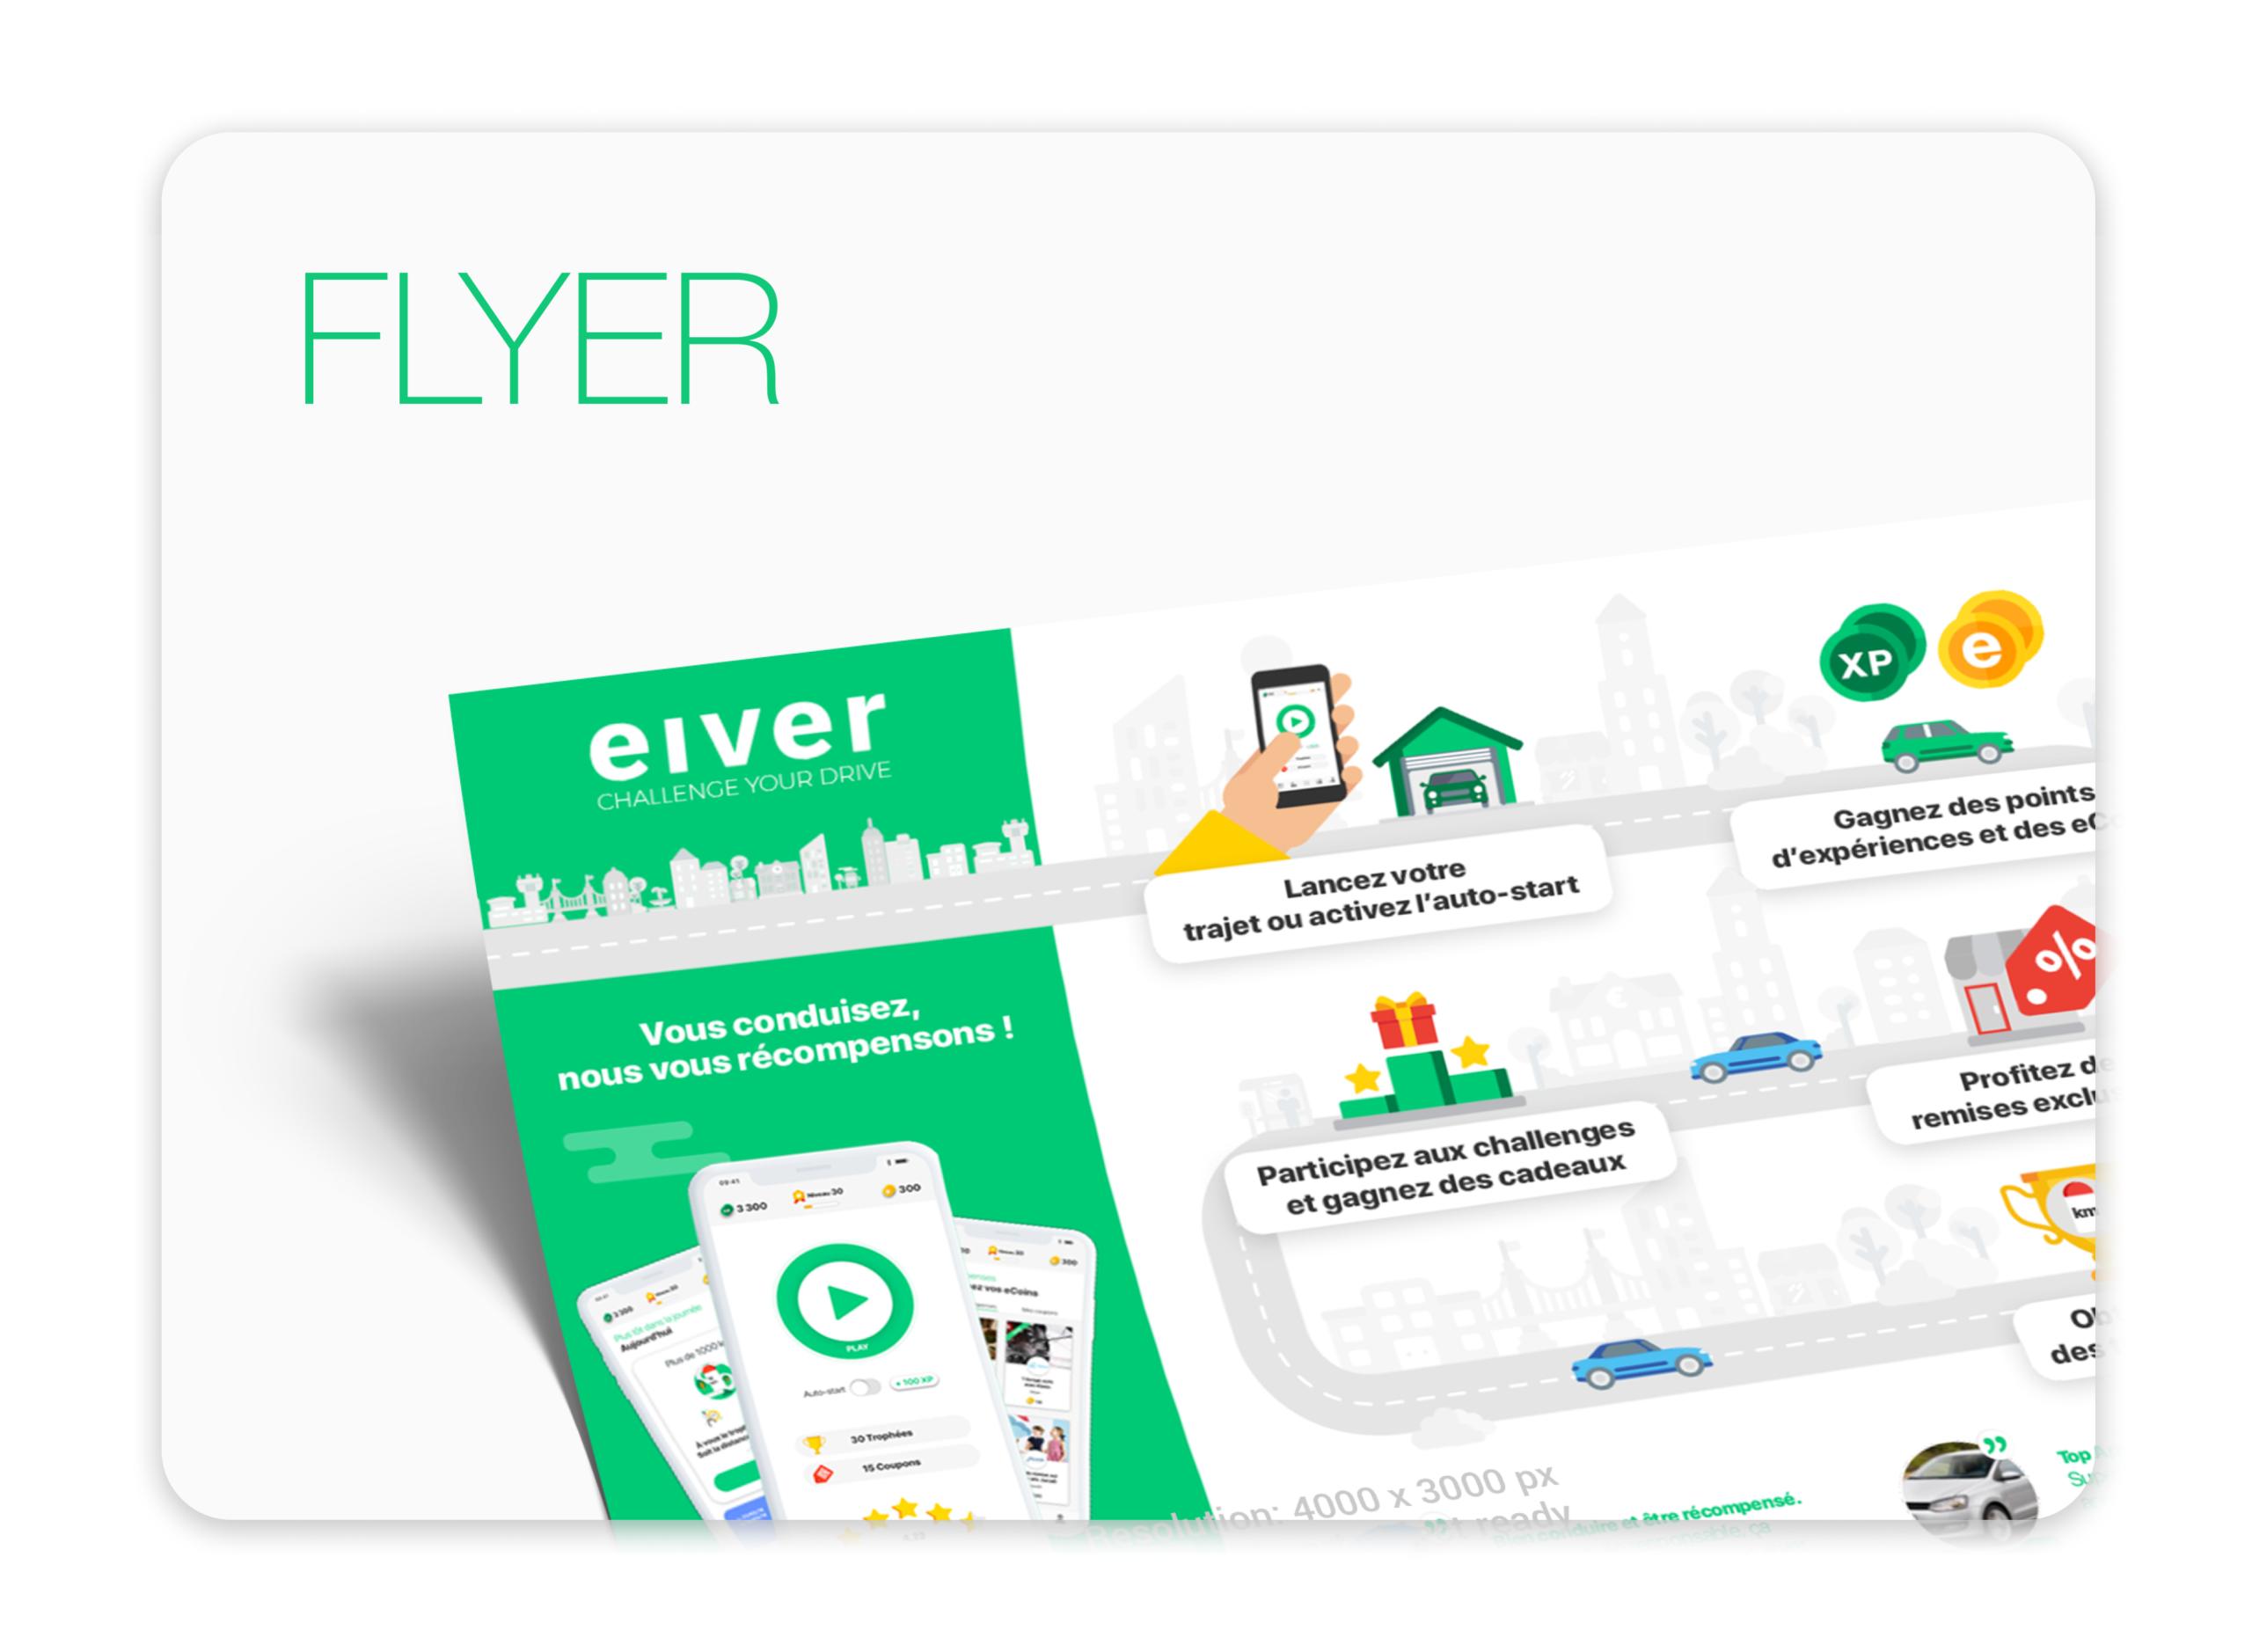 Vignette Flyer - Media kit